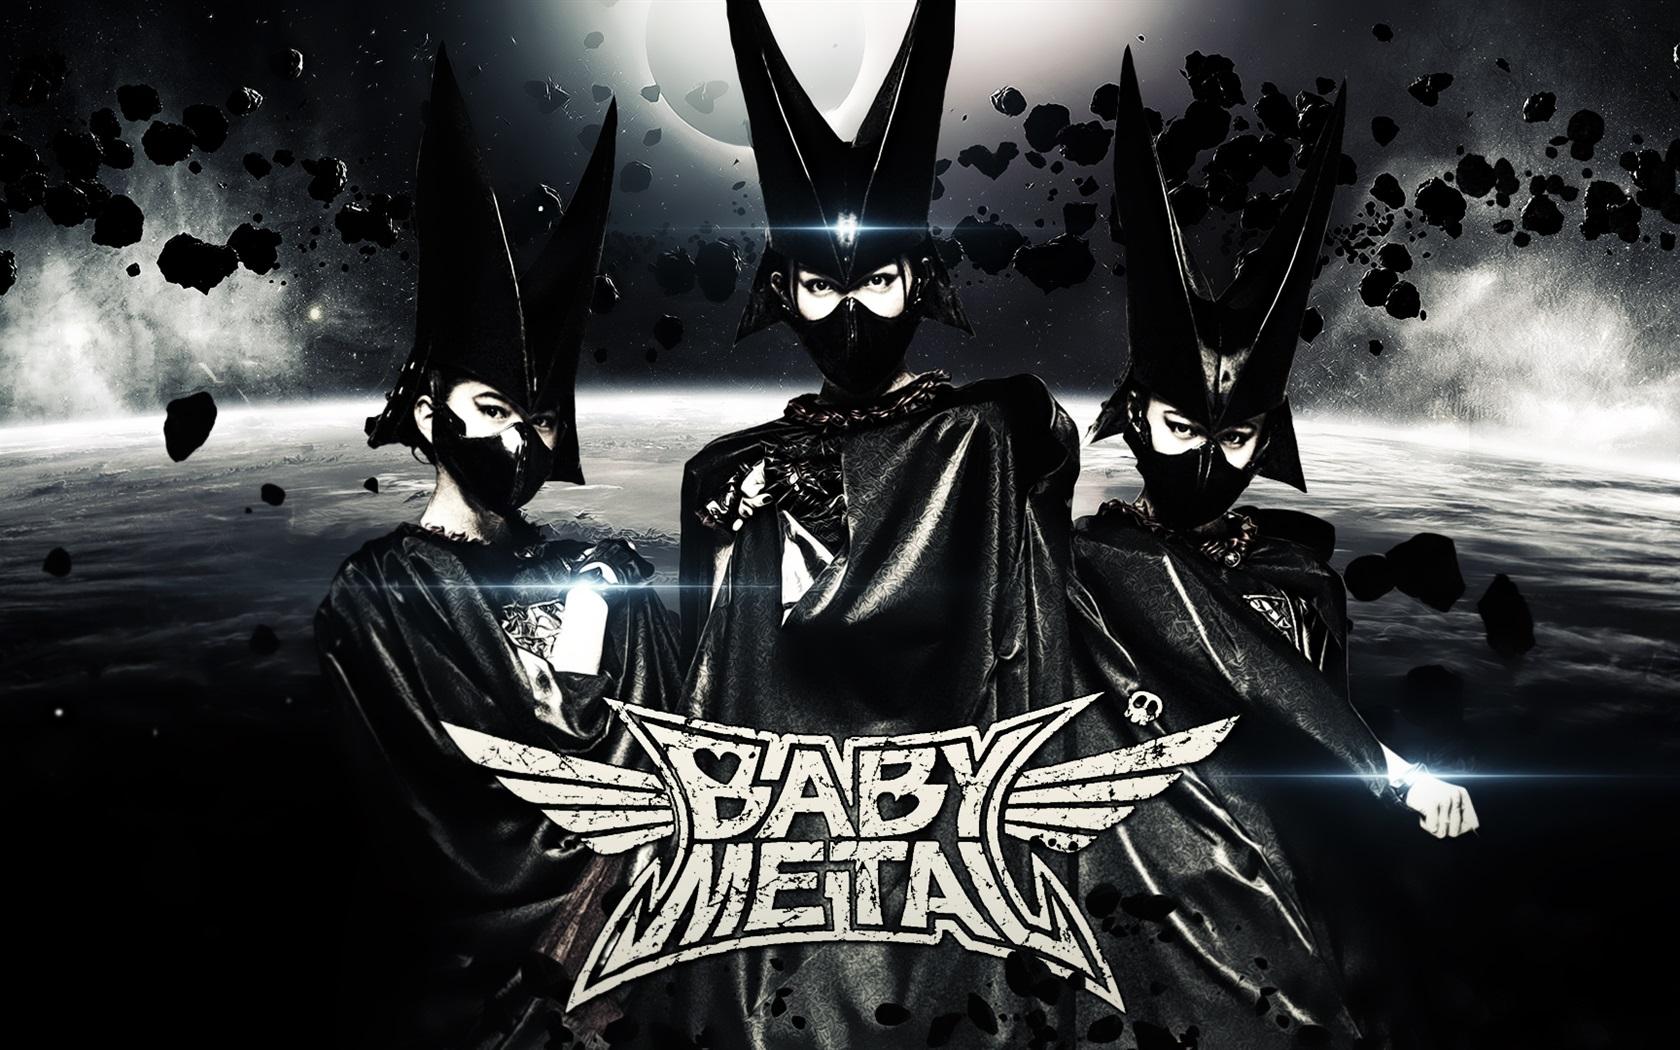 壁紙 Babymetal 日本人の女の子グループ 03 19x1080 Full Hd 2k 無料のデスクトップの背景 画像